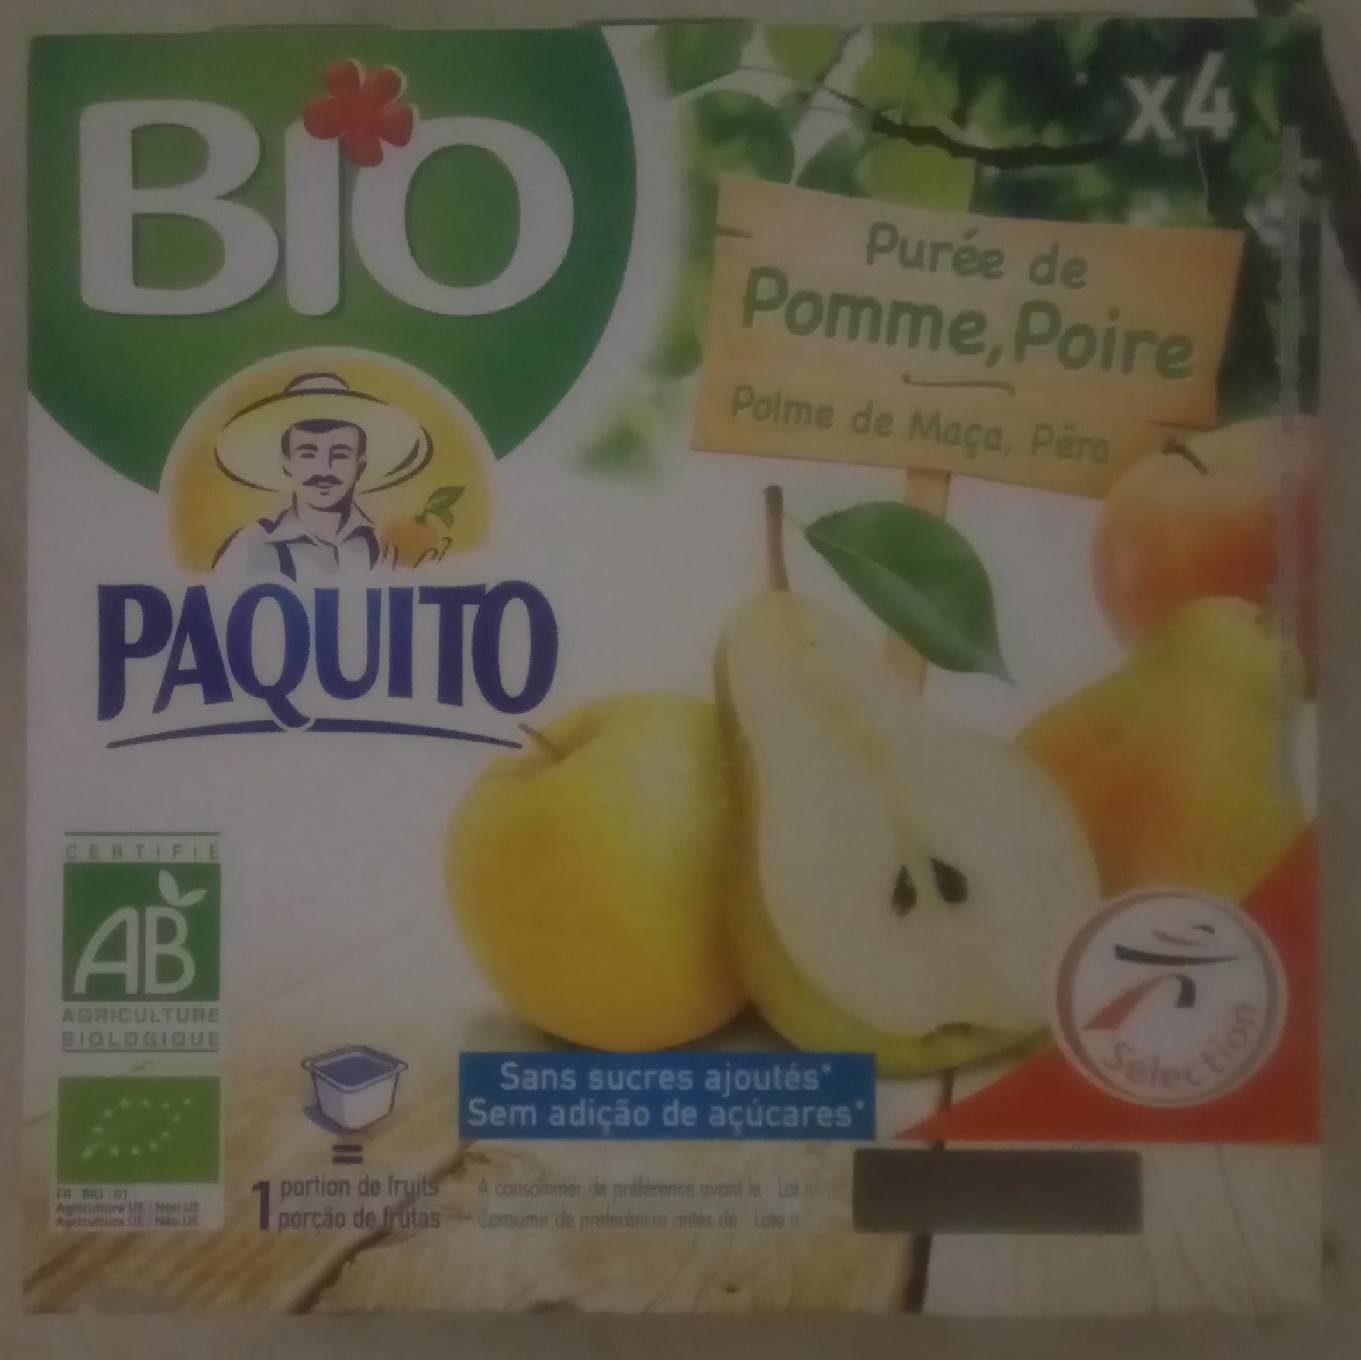 Purée de pomme poire bio - Product - fr